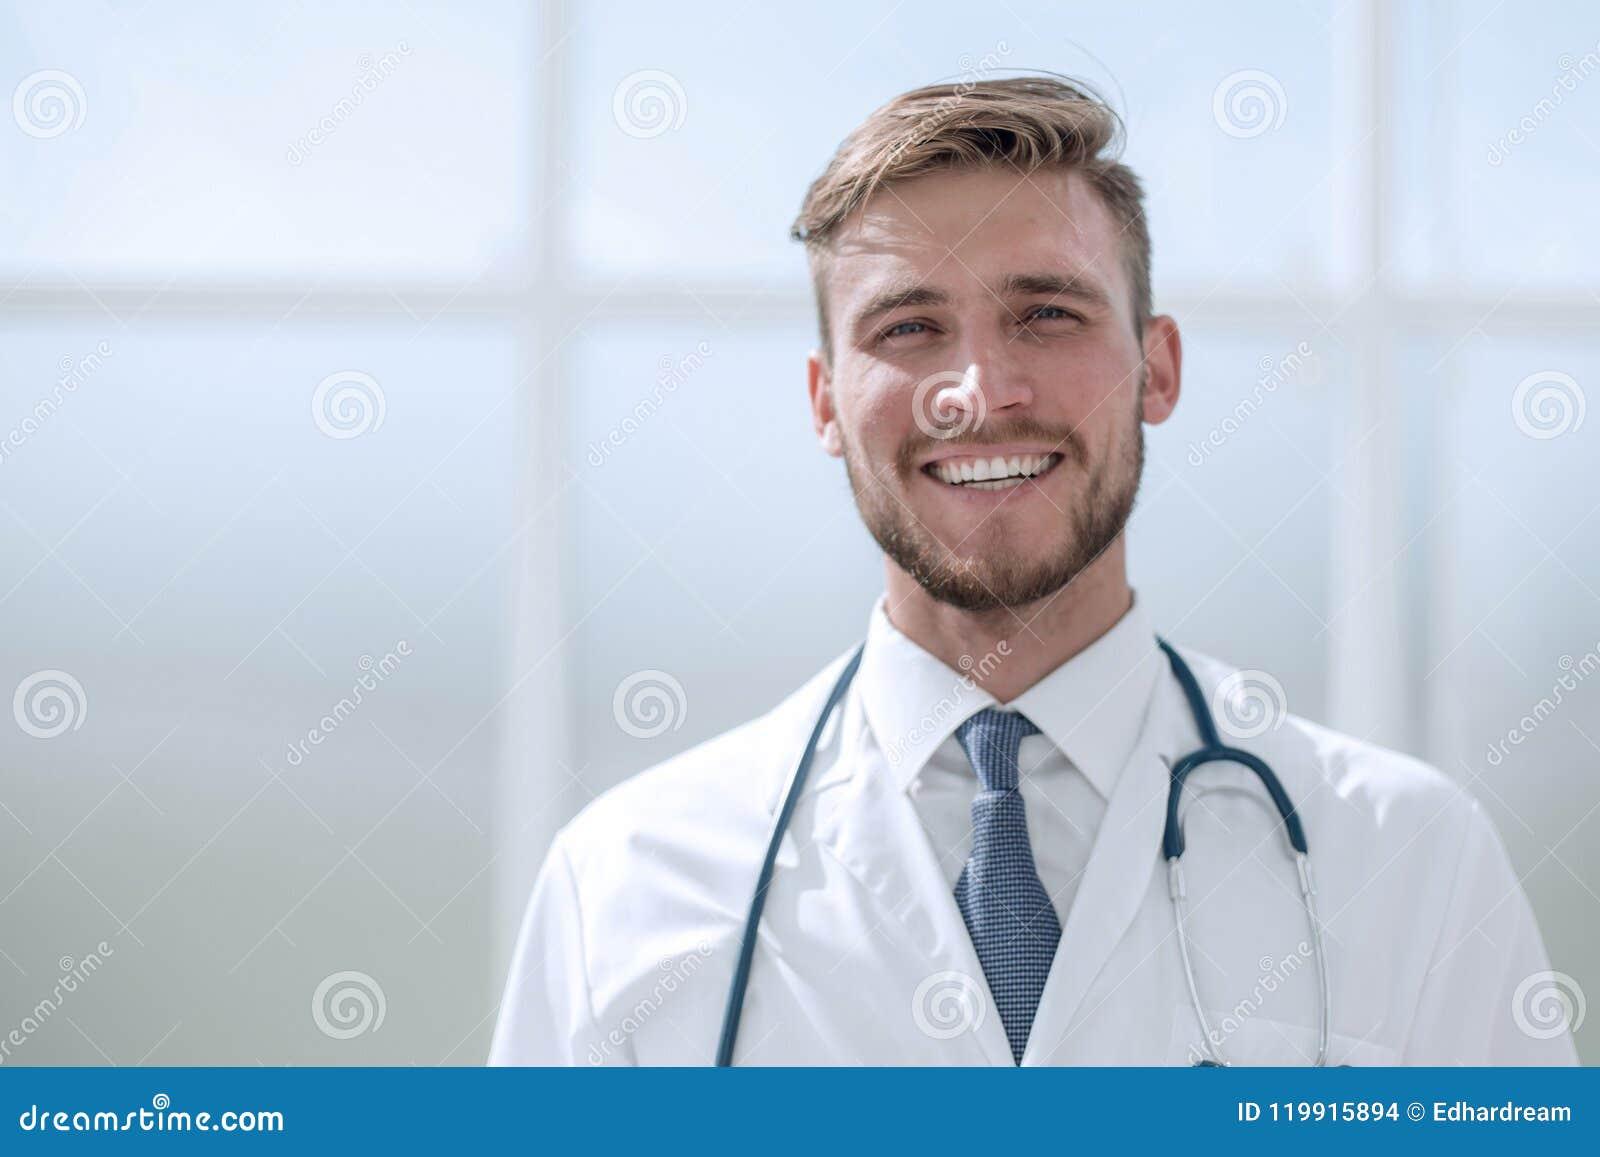 成功的医生治疗师,站立在窗口附近